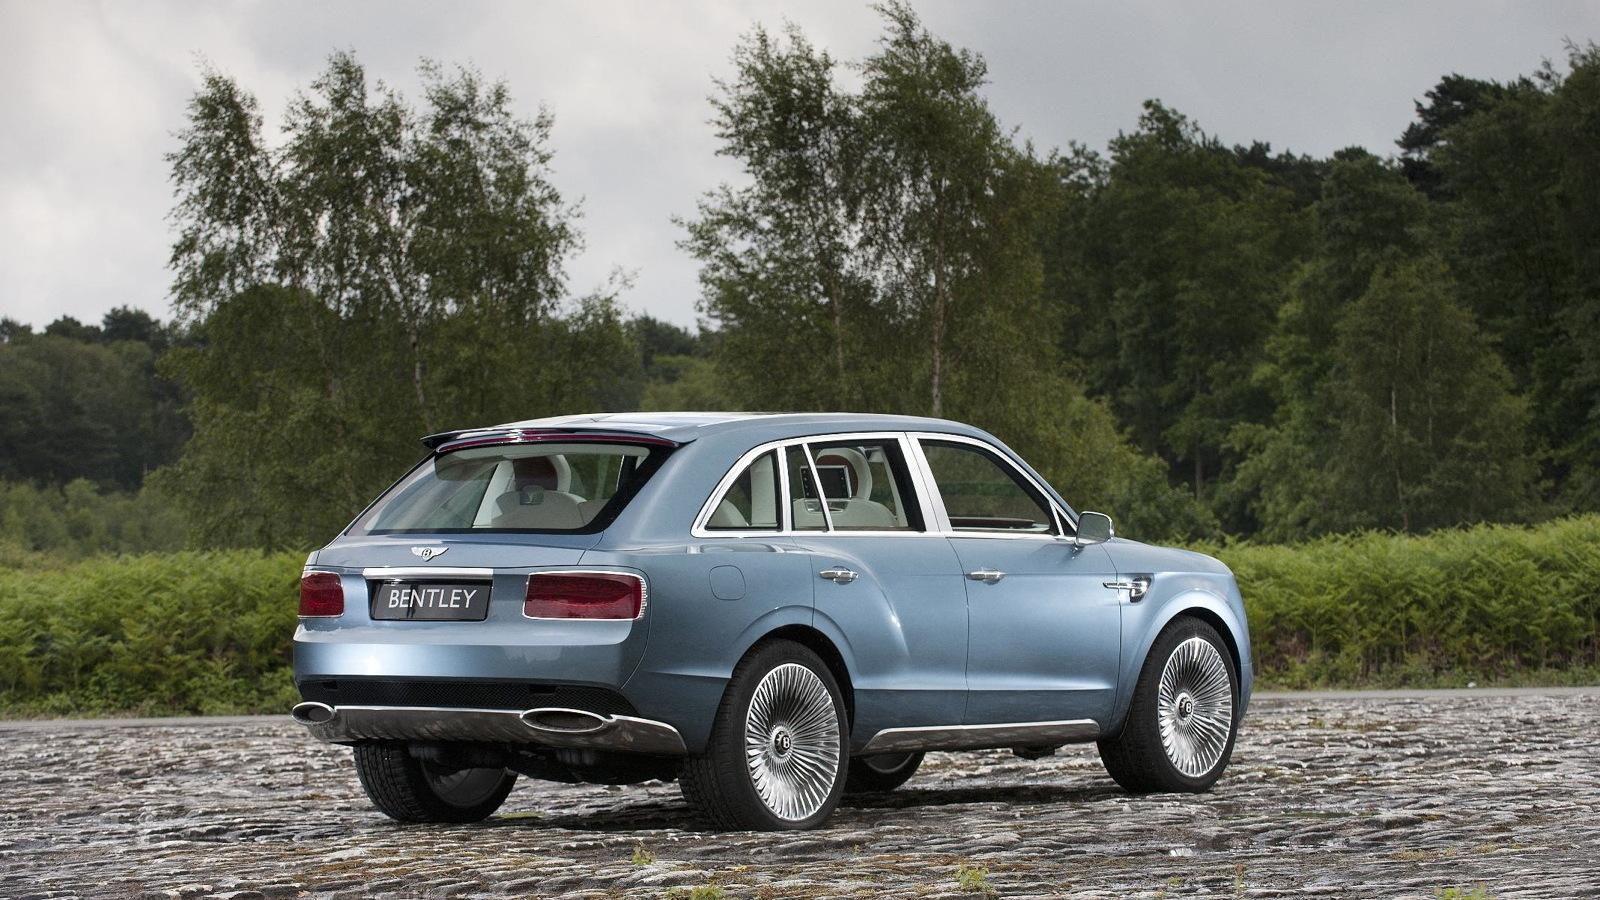 Bentley's EXP 9 F SUV concept